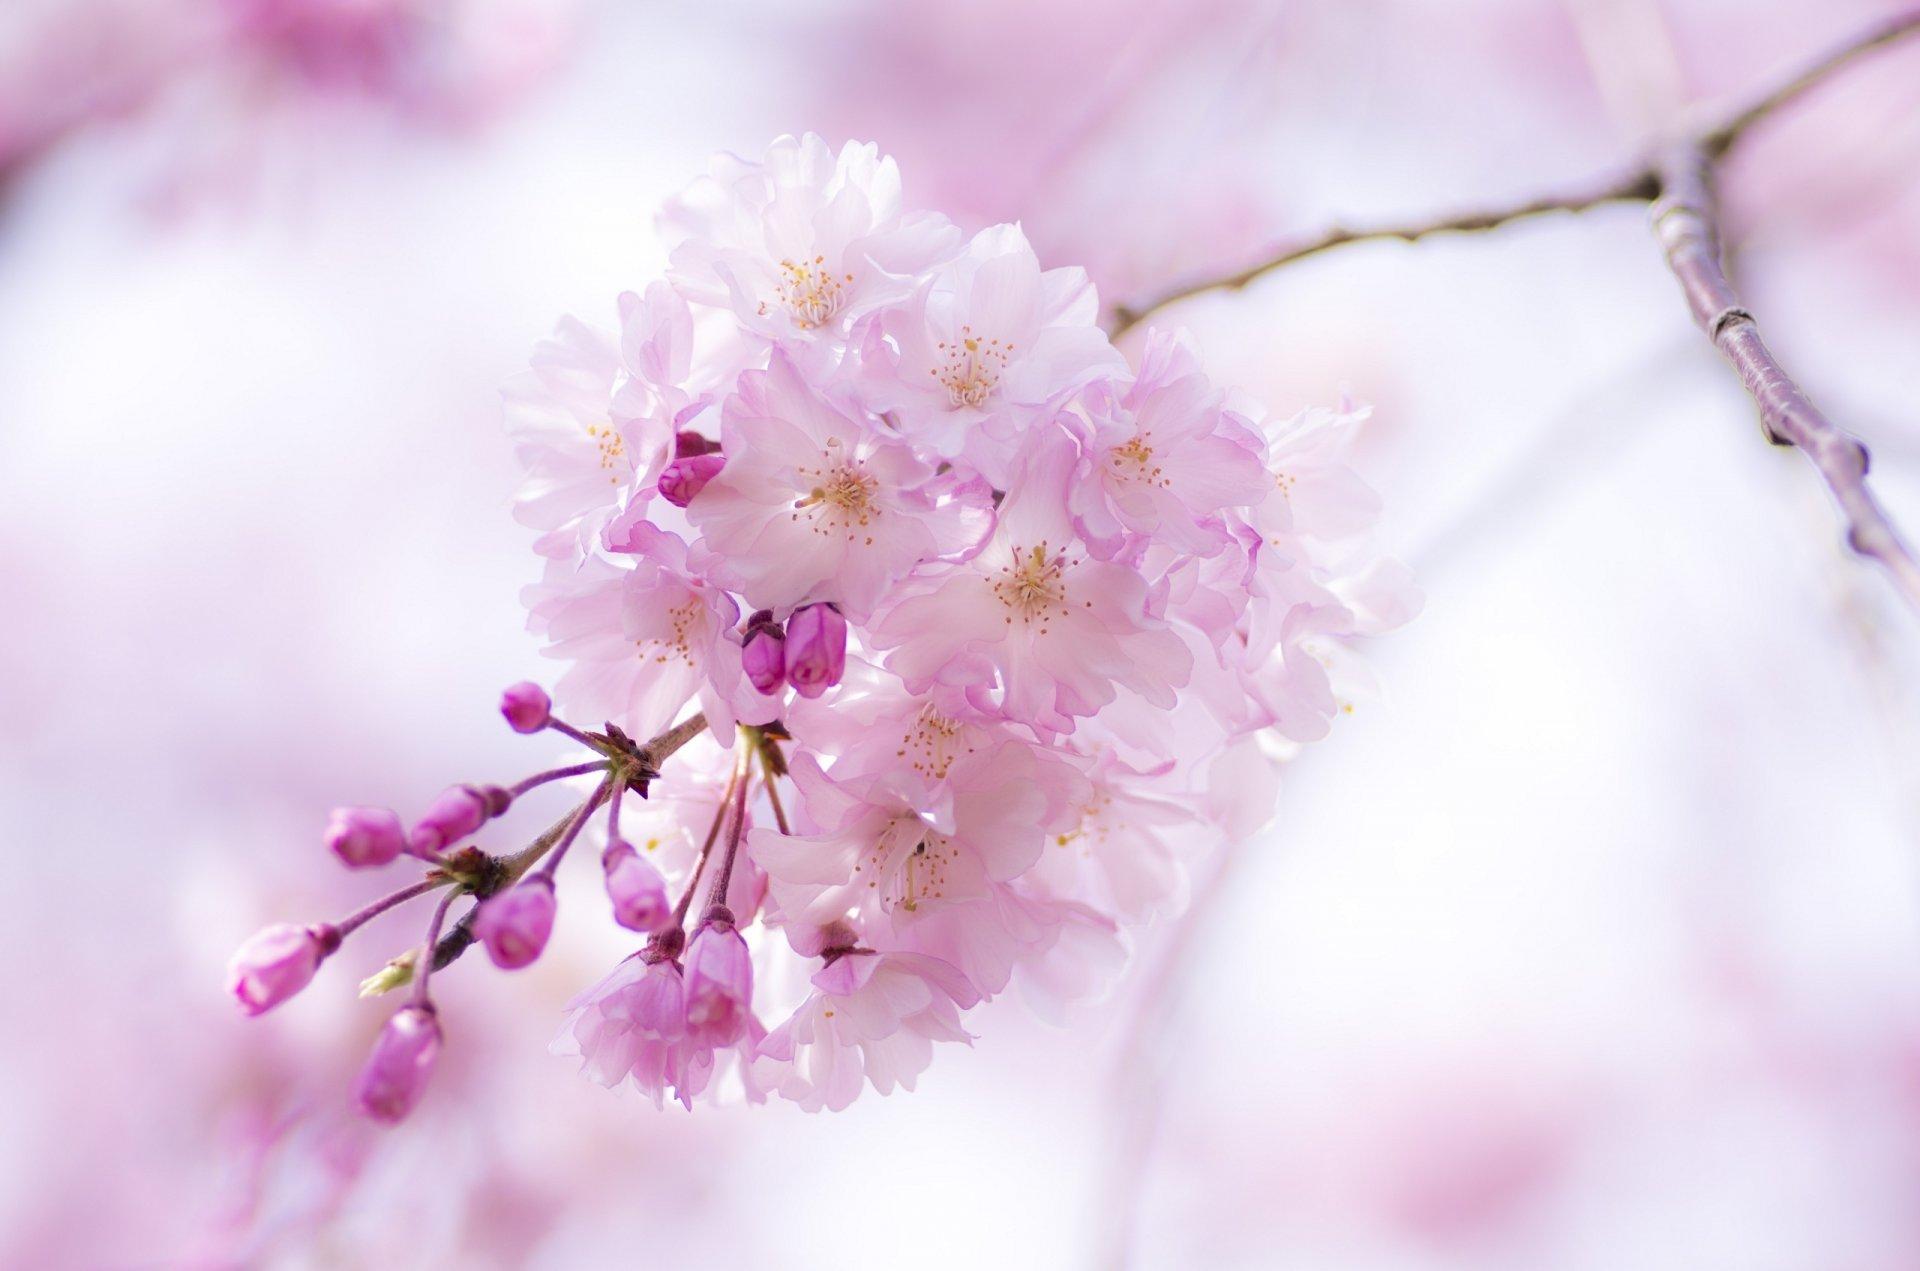 Секс цветы вишни 10 фотография